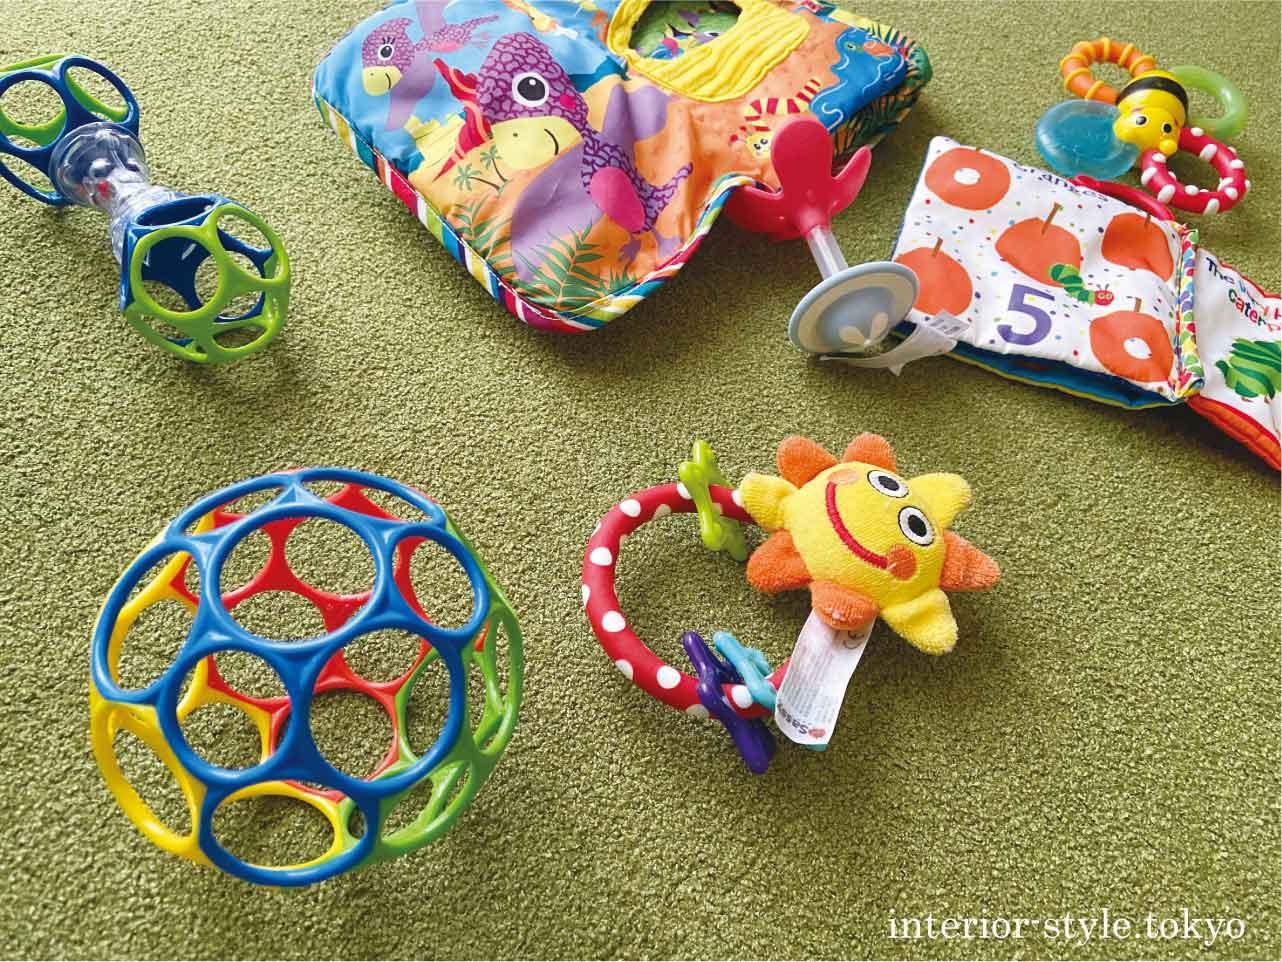 散らかっている赤ちゃんのおもちゃたち